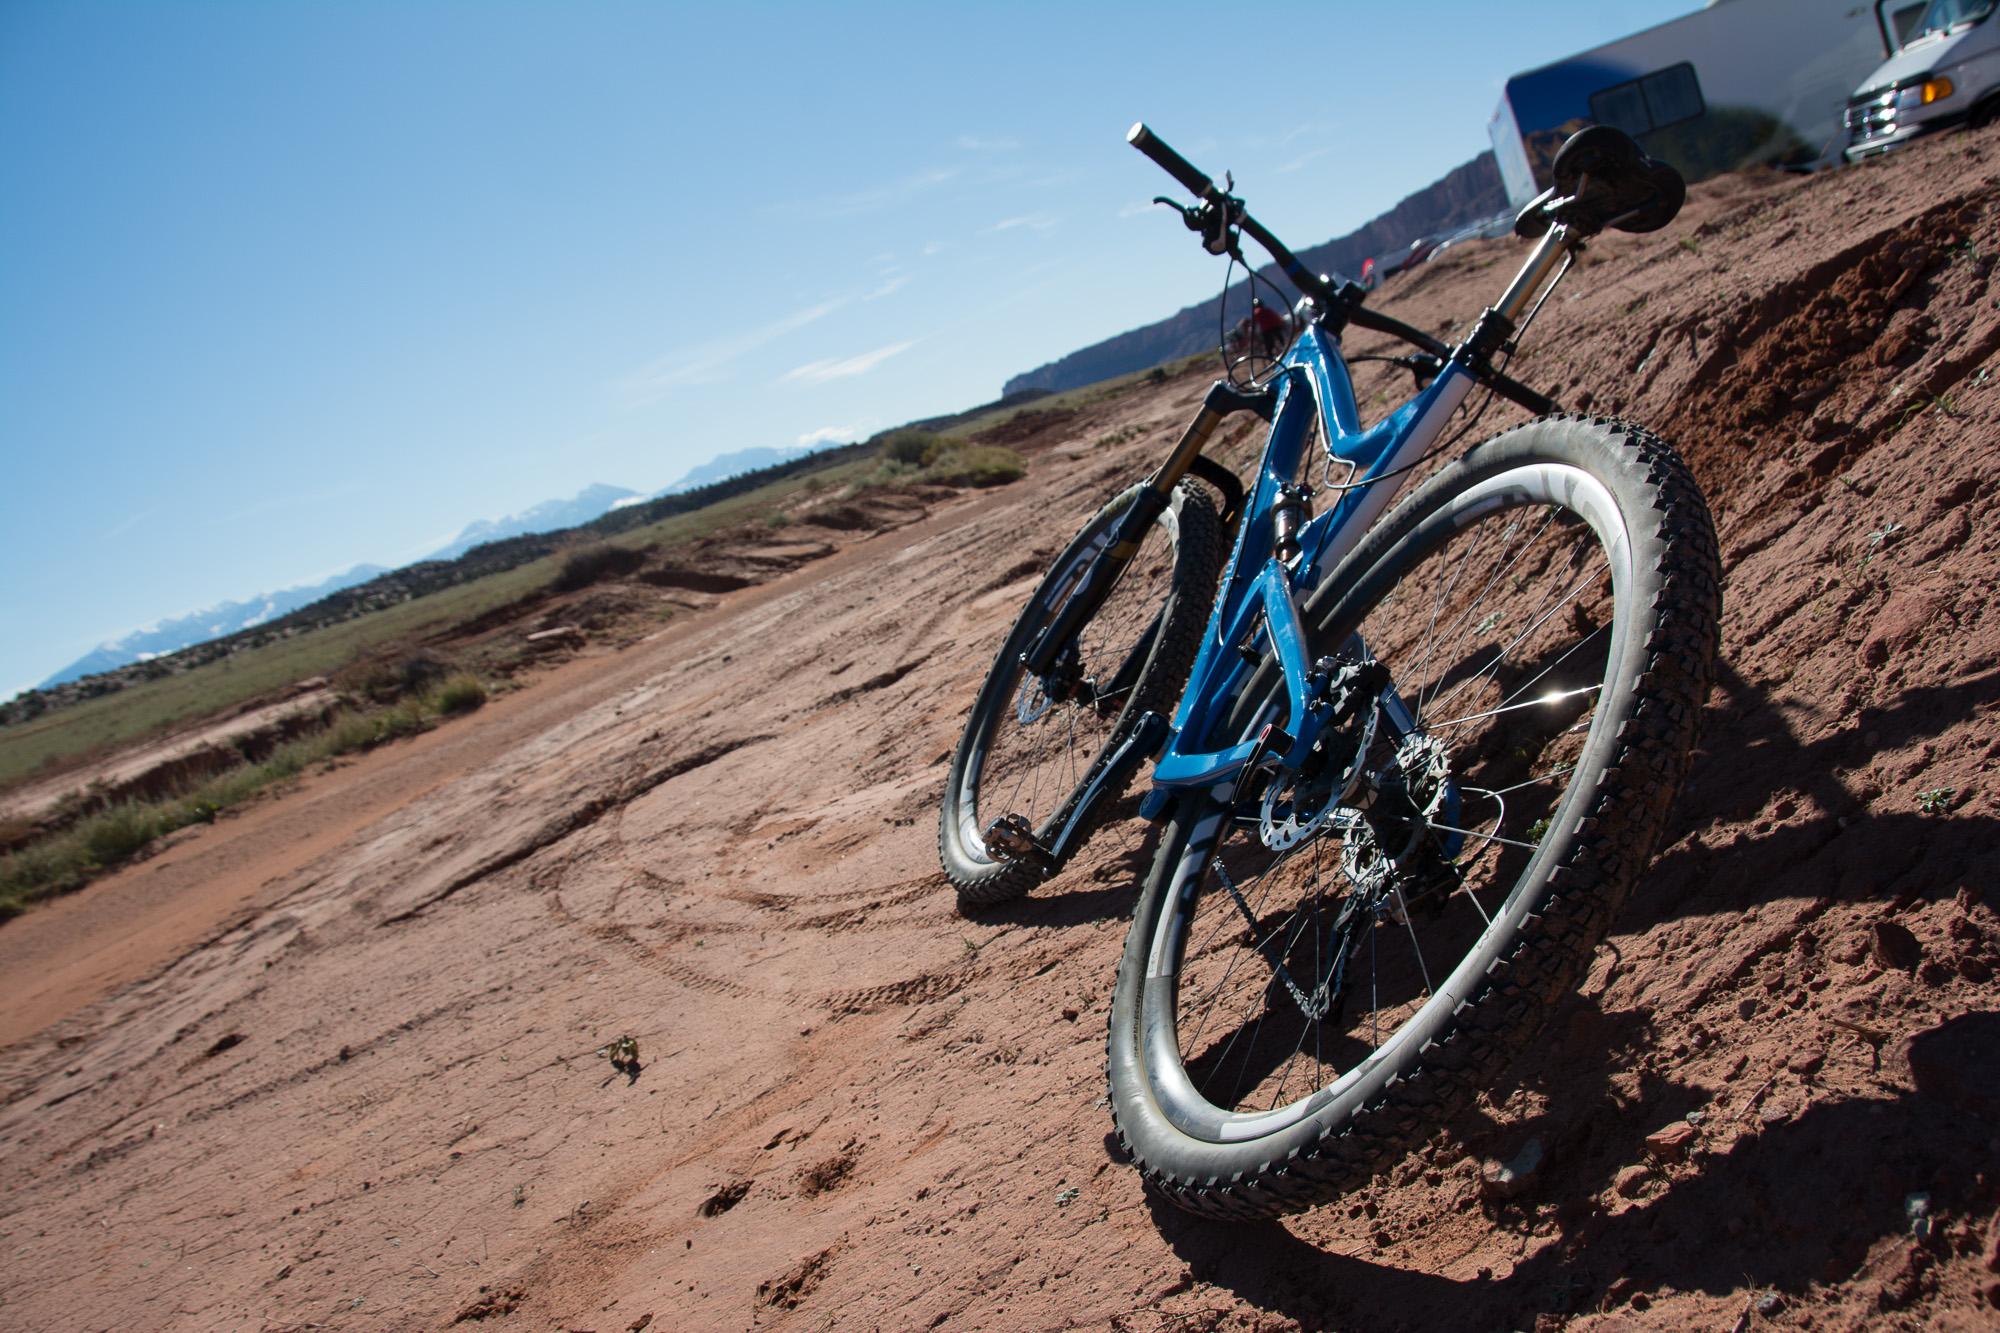 bikerace-8248.jpg